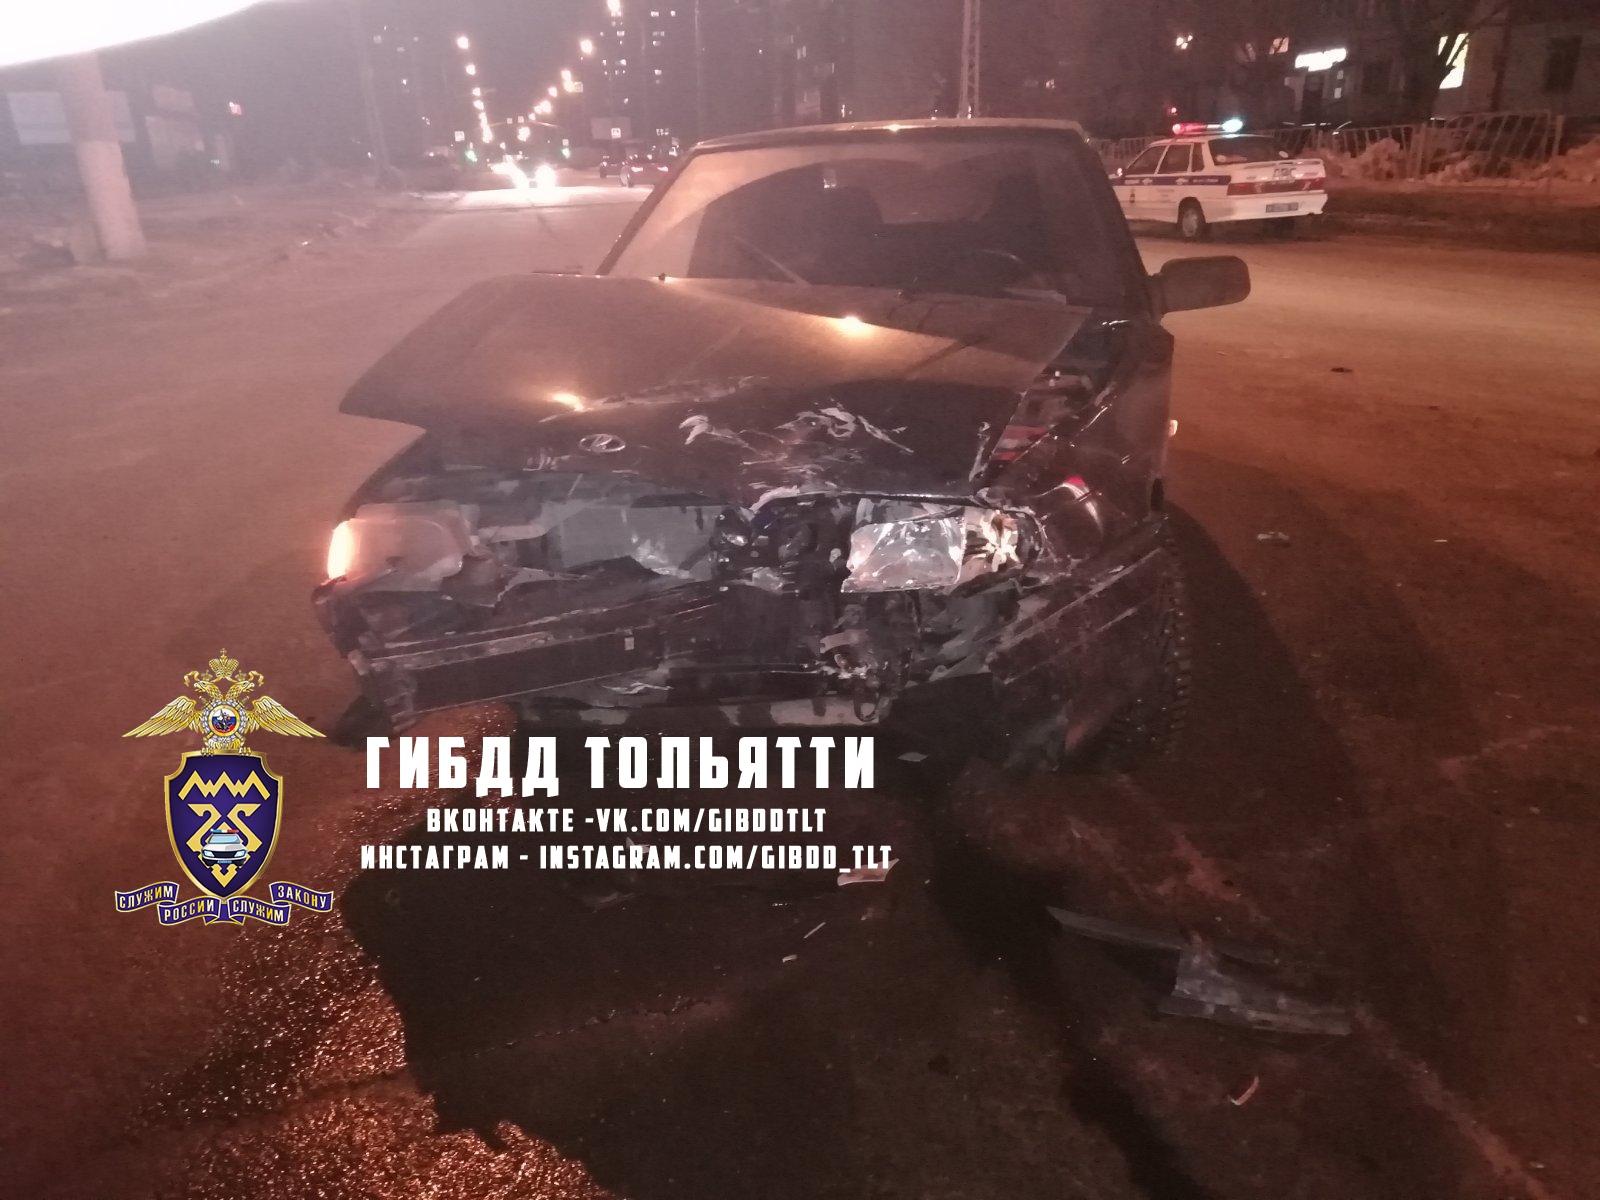 На тольяттинских дорогах в двух авариях пострадали люди